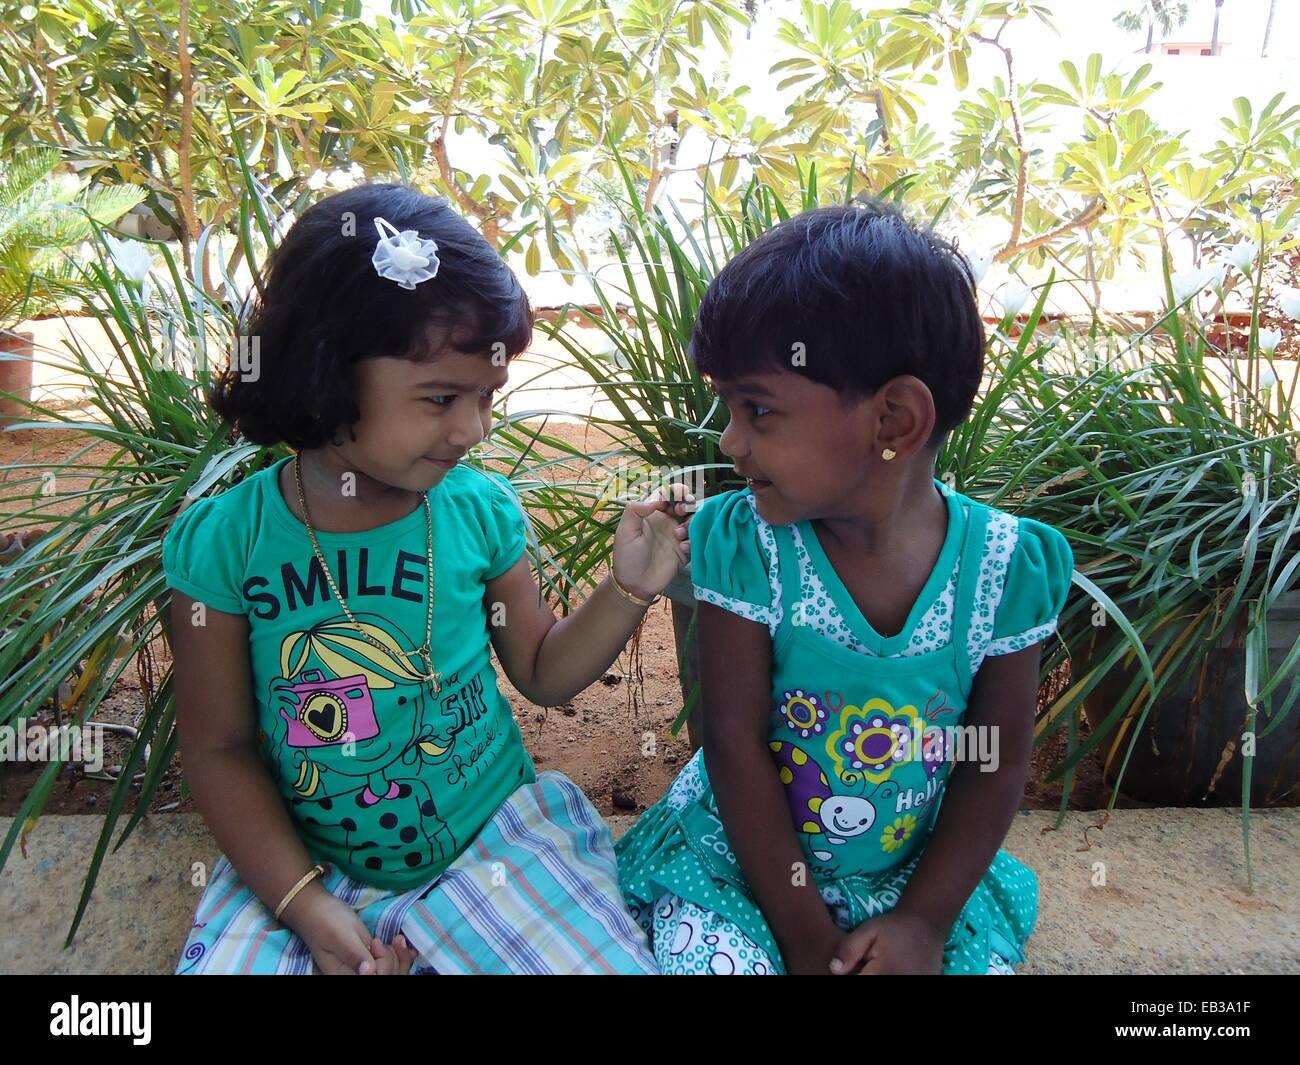 Indien, Tamil Nadu, Thoothukudi, Kalugumalai, zwei Mädchen (2-3) auf Brüstung Blumenbeet im Garten sitzend, Stockbild